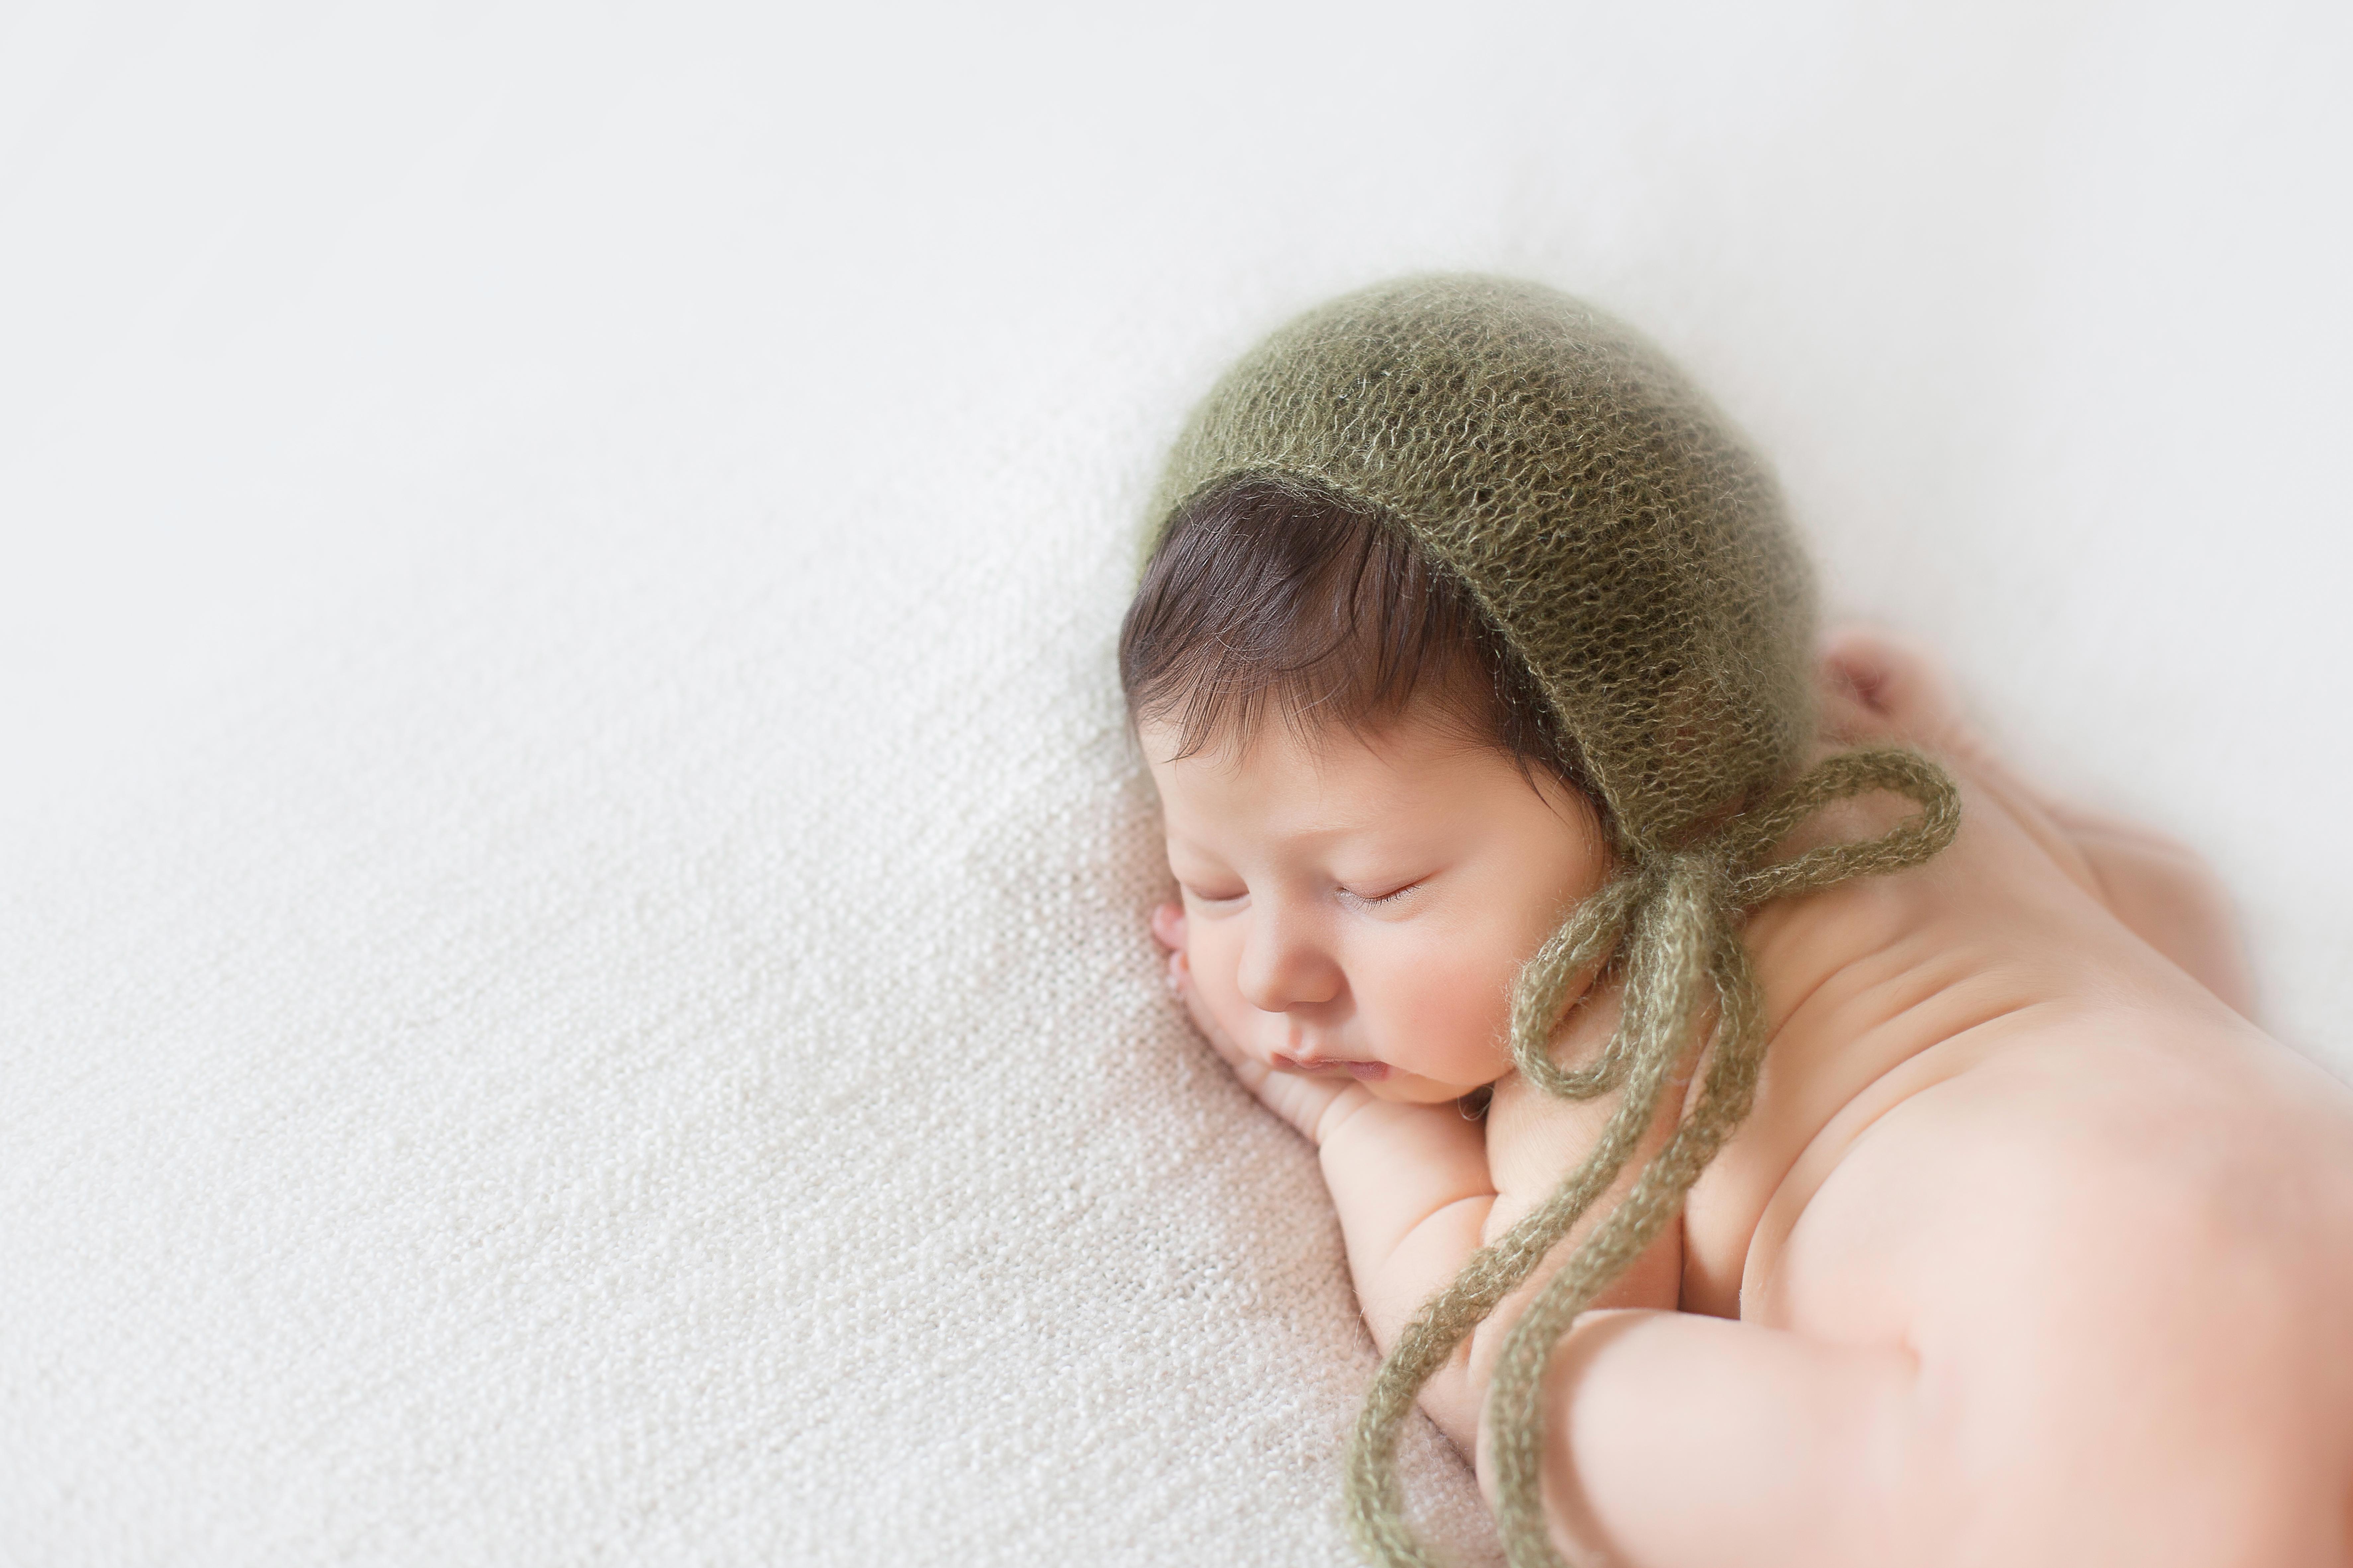 photographe-bebes-seances-sur-mesure-paris-basile-et-capucine